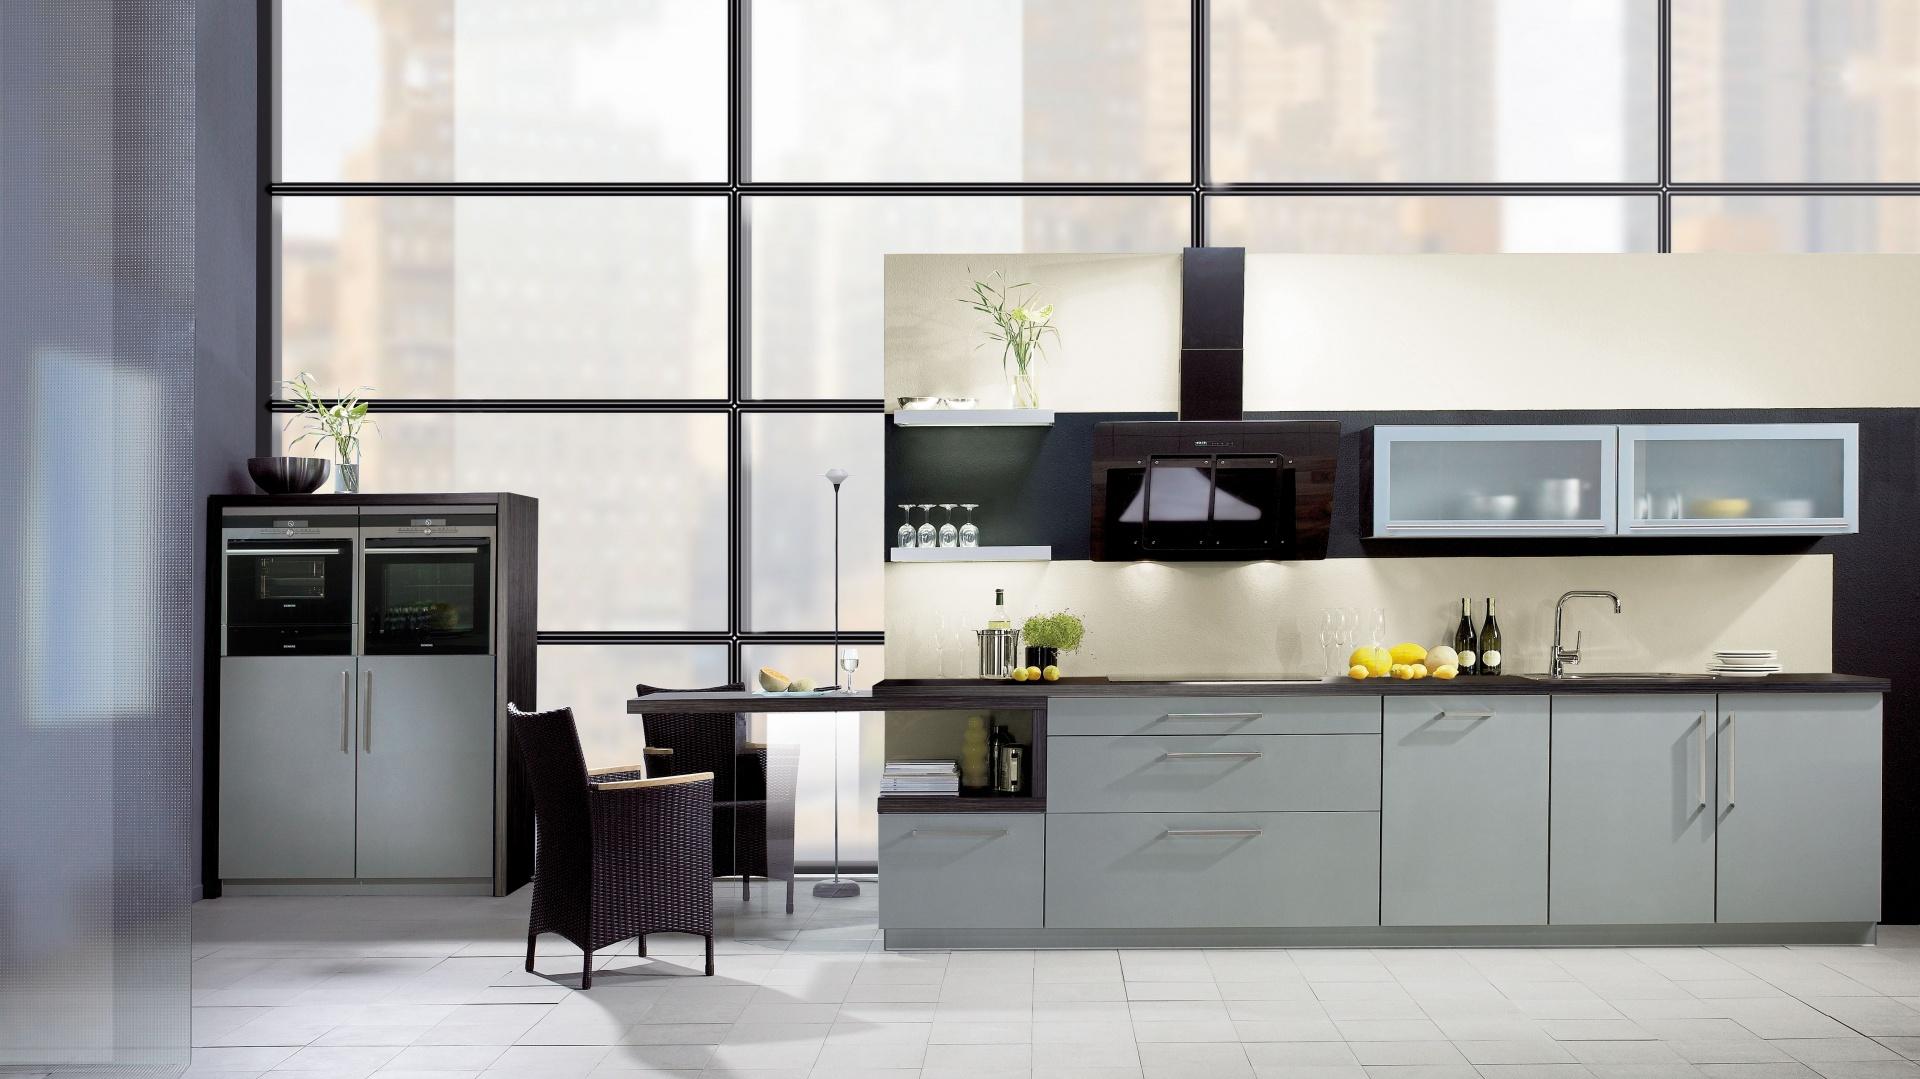 Wysoki sufit i meble Kuchnia w stylu loft Tak   -> Kuchnia Wysoki Sufit